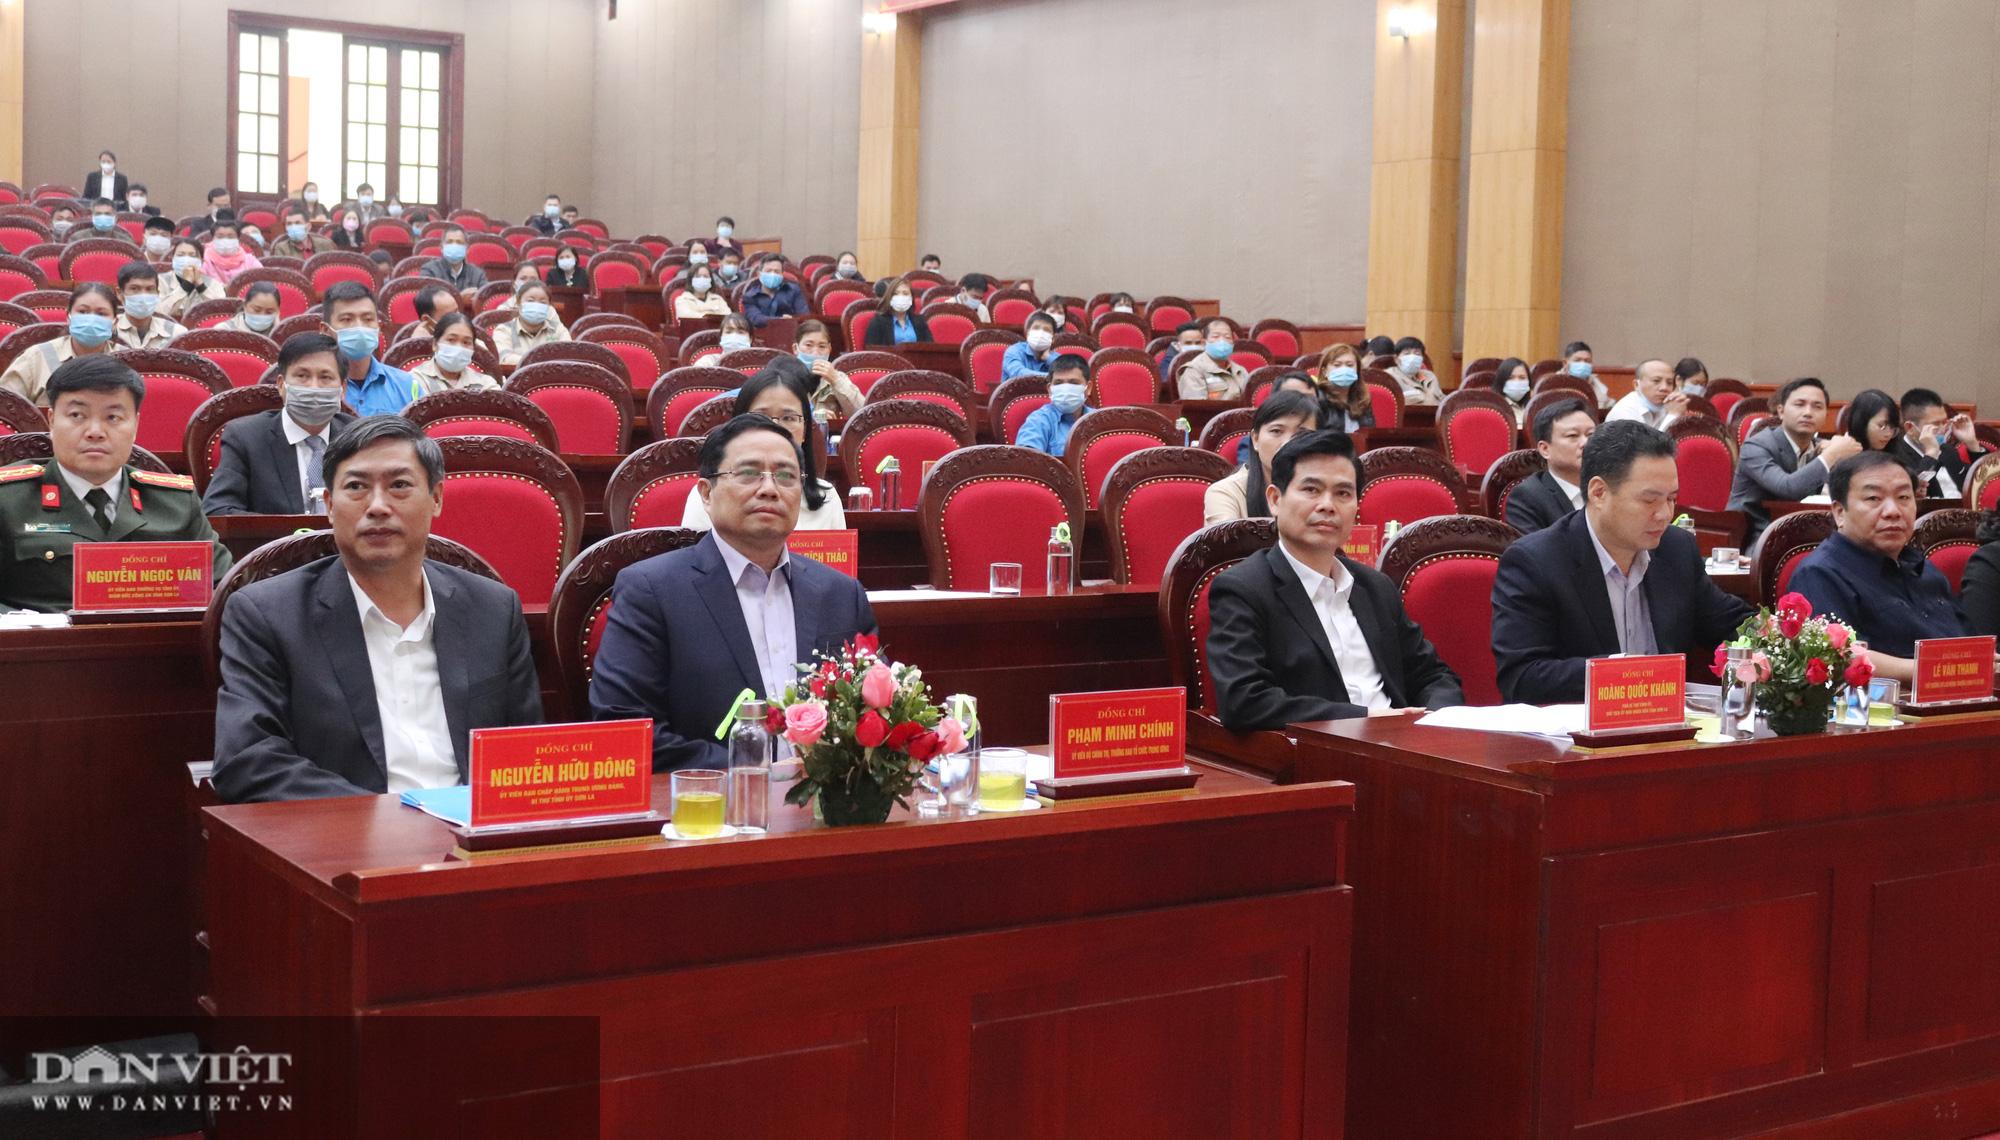 Trưởng ban Tổ chức Trung ương Phạm Minh Chính: Sơn La biết biến không thành có... - Ảnh 3.